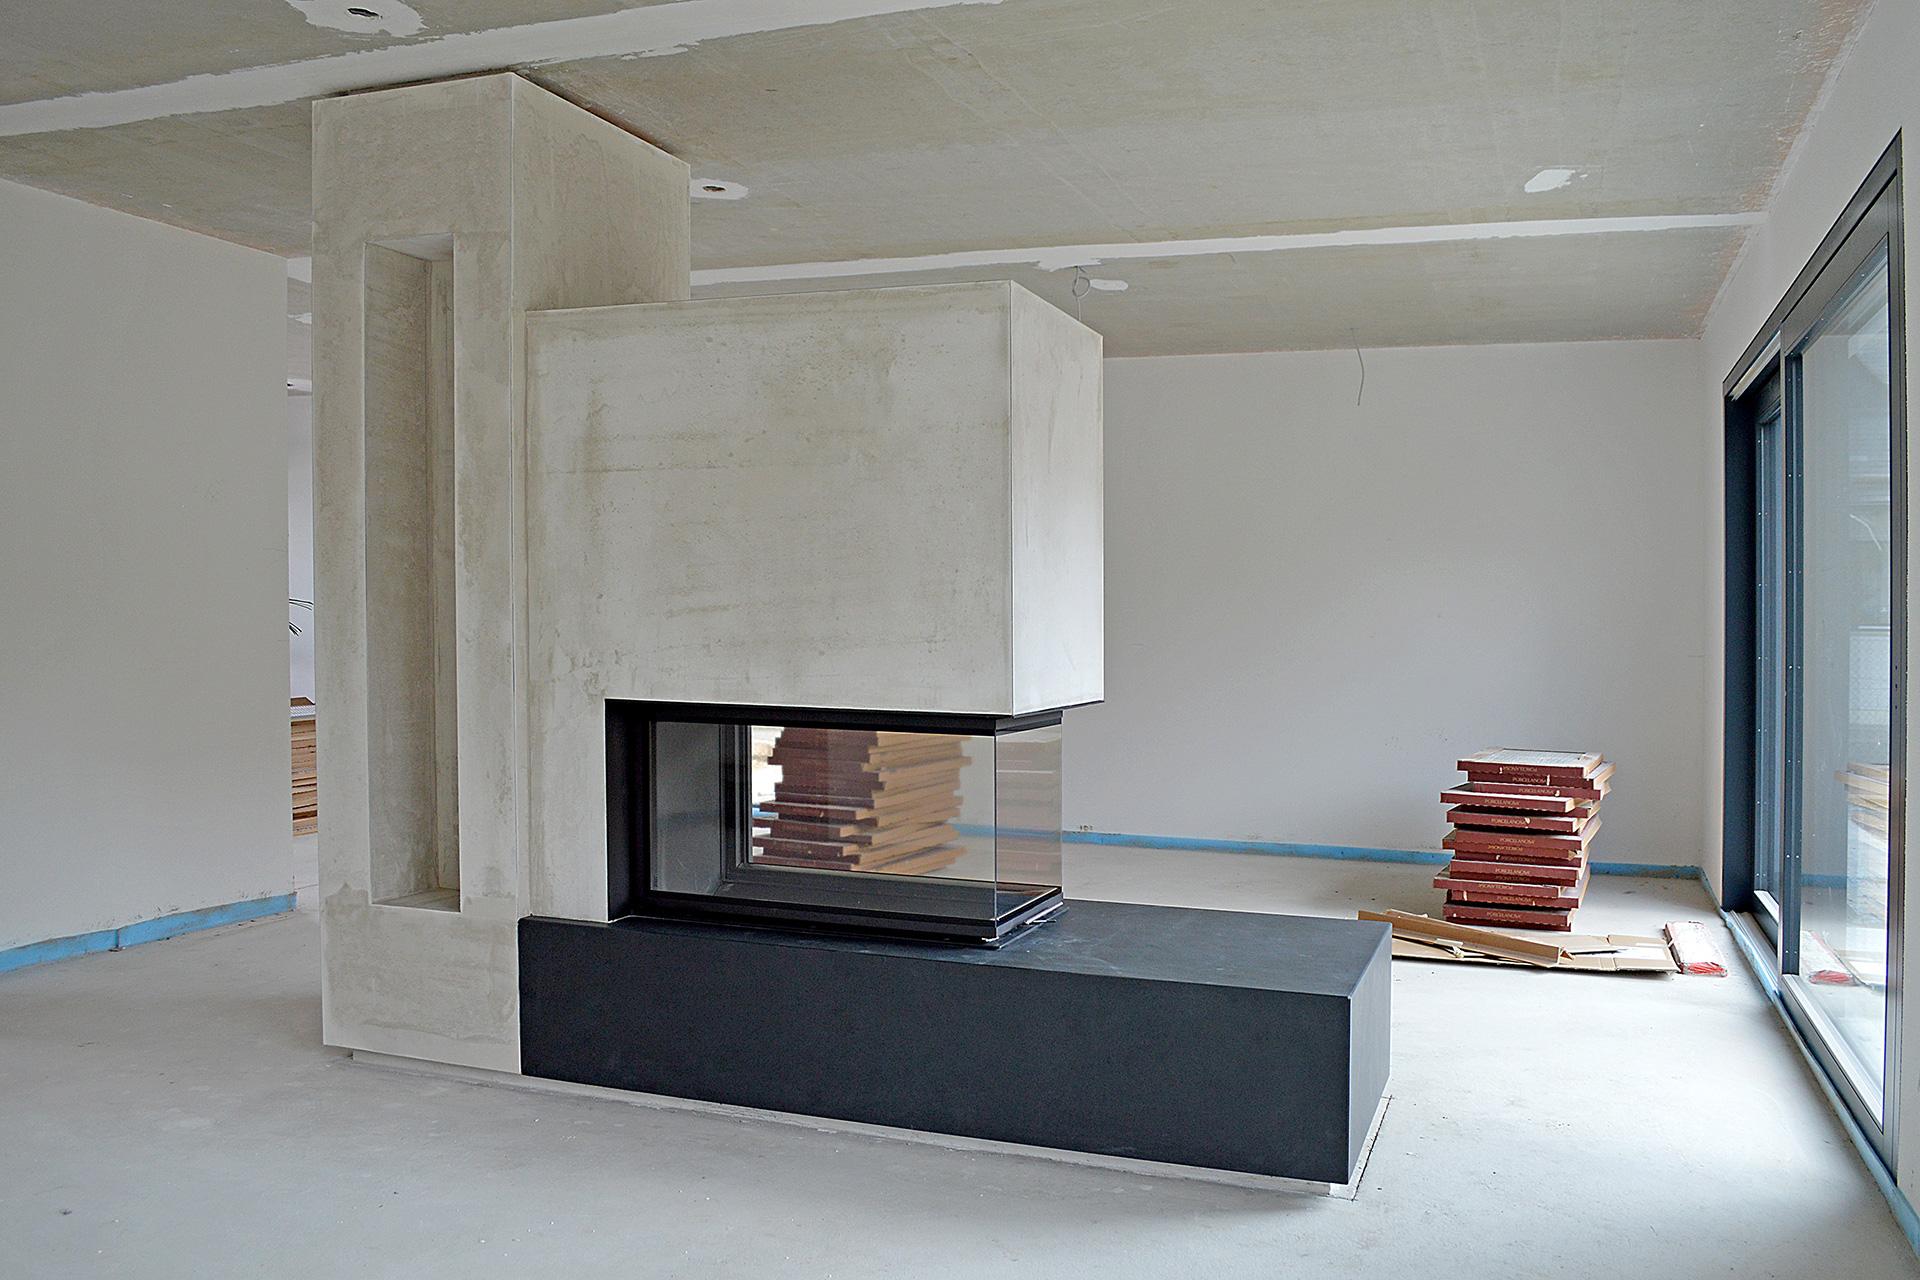 Referenz Ofen- und Kaminbau, Bild 0320